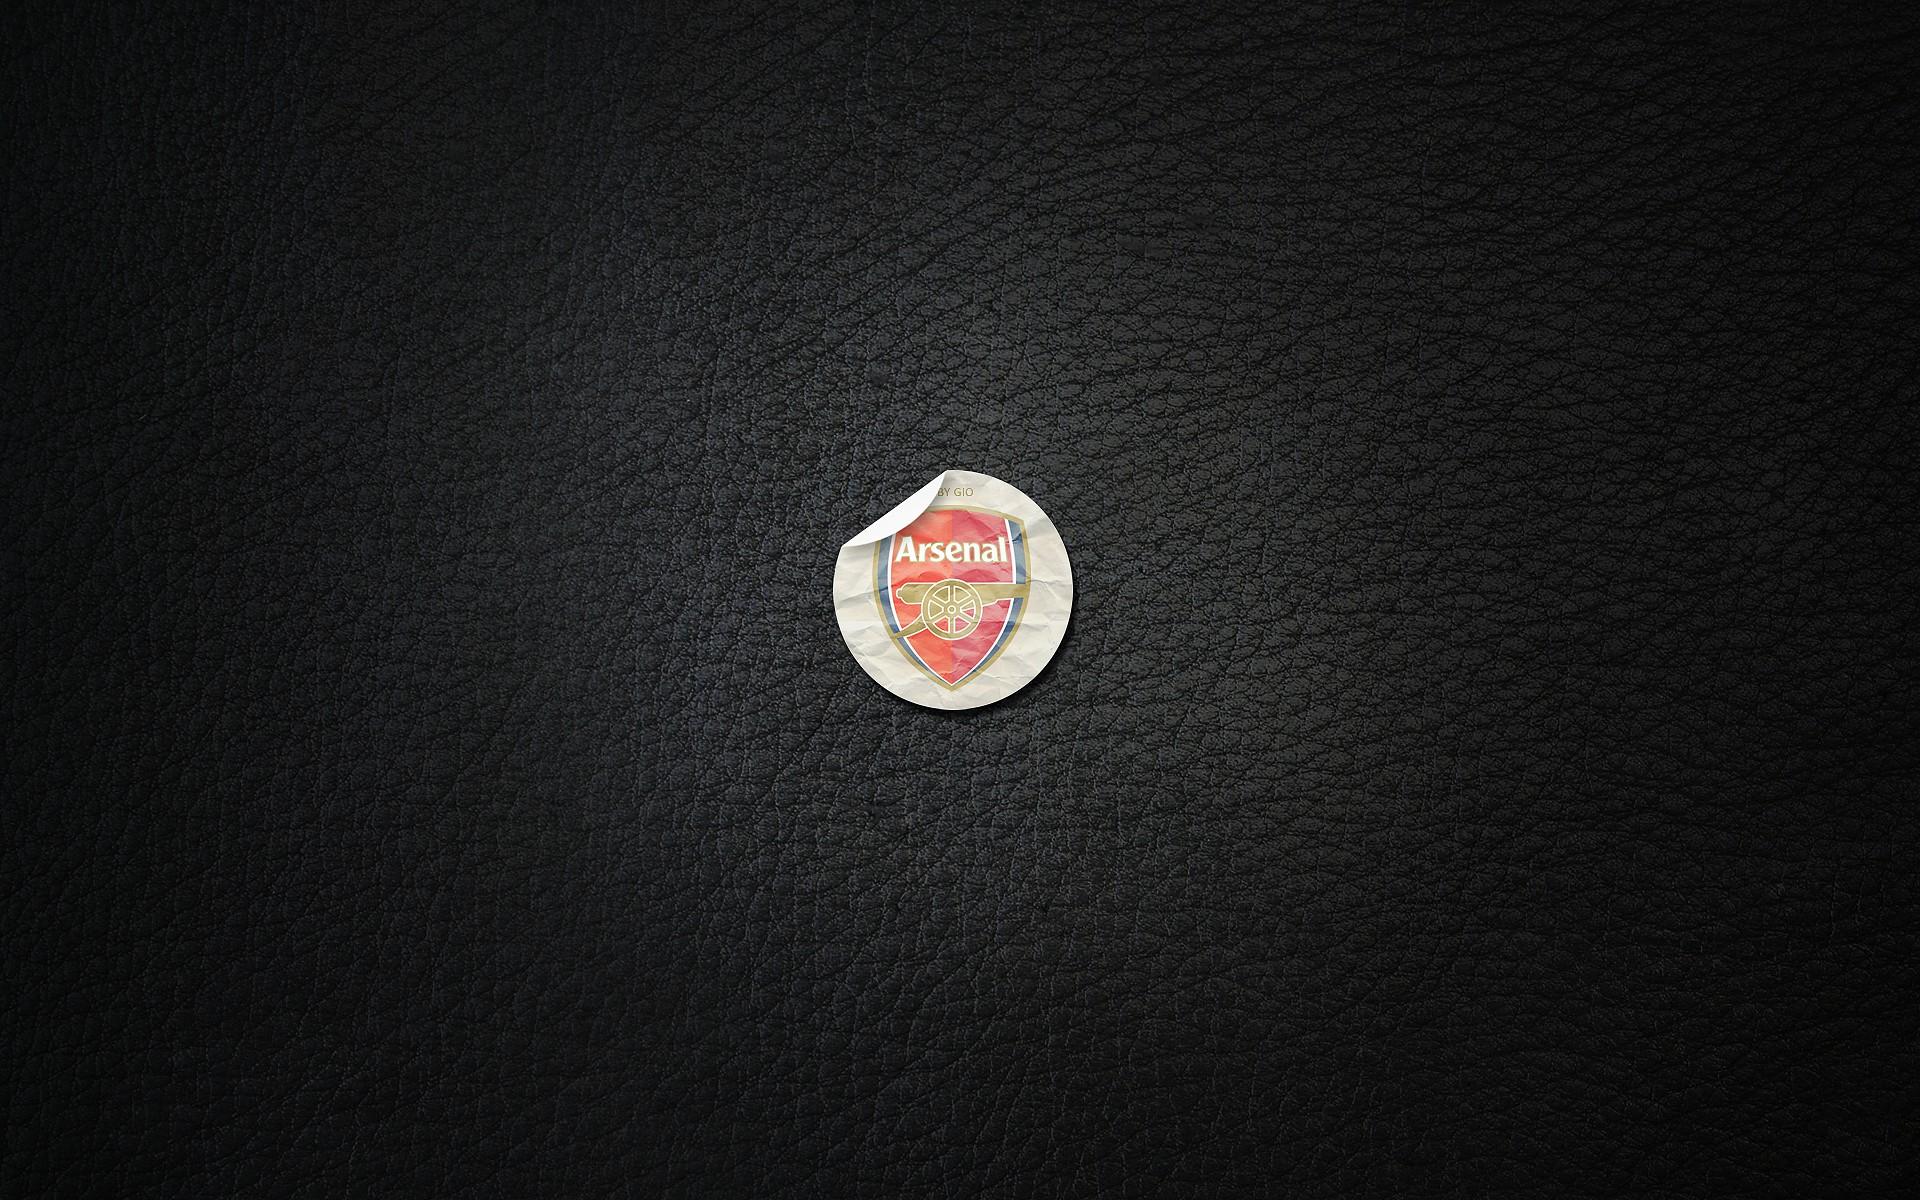 Arsenal Desktop Wallpaper 12 1920x1200